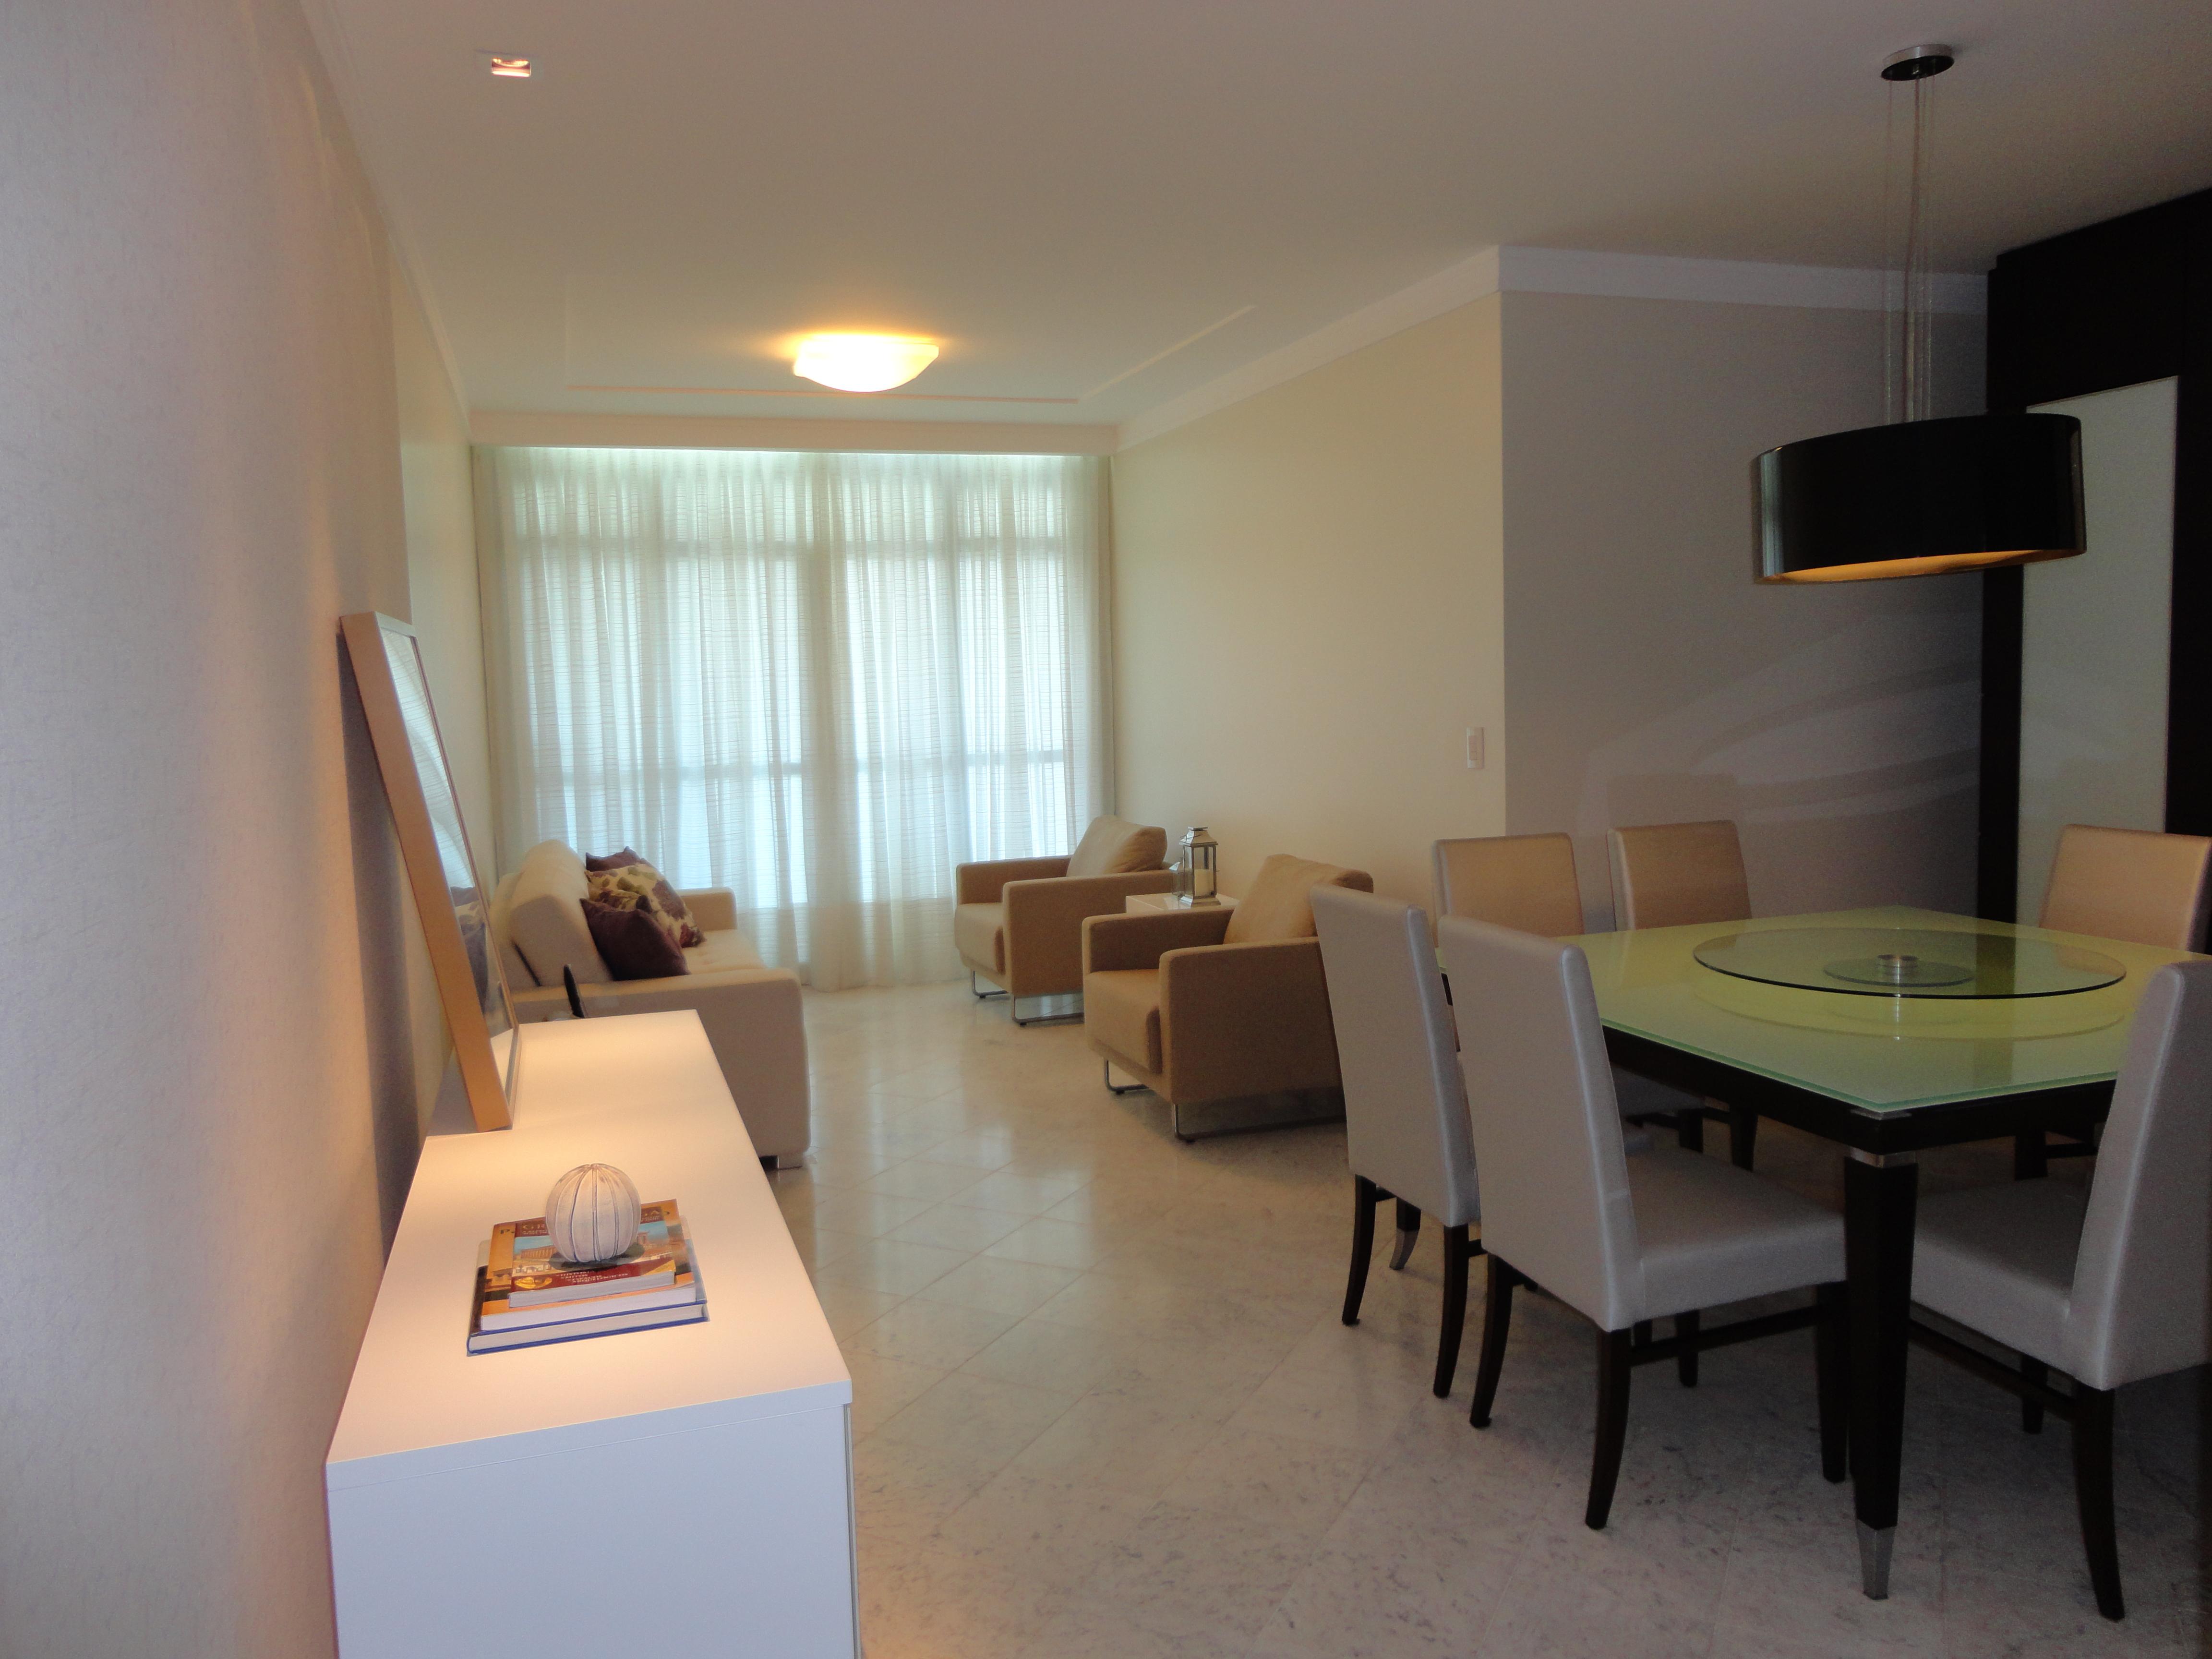 Residencial Bruno Carvalho #9E662D 4608x3456 Banheiro Com Pastilhas Amarelas